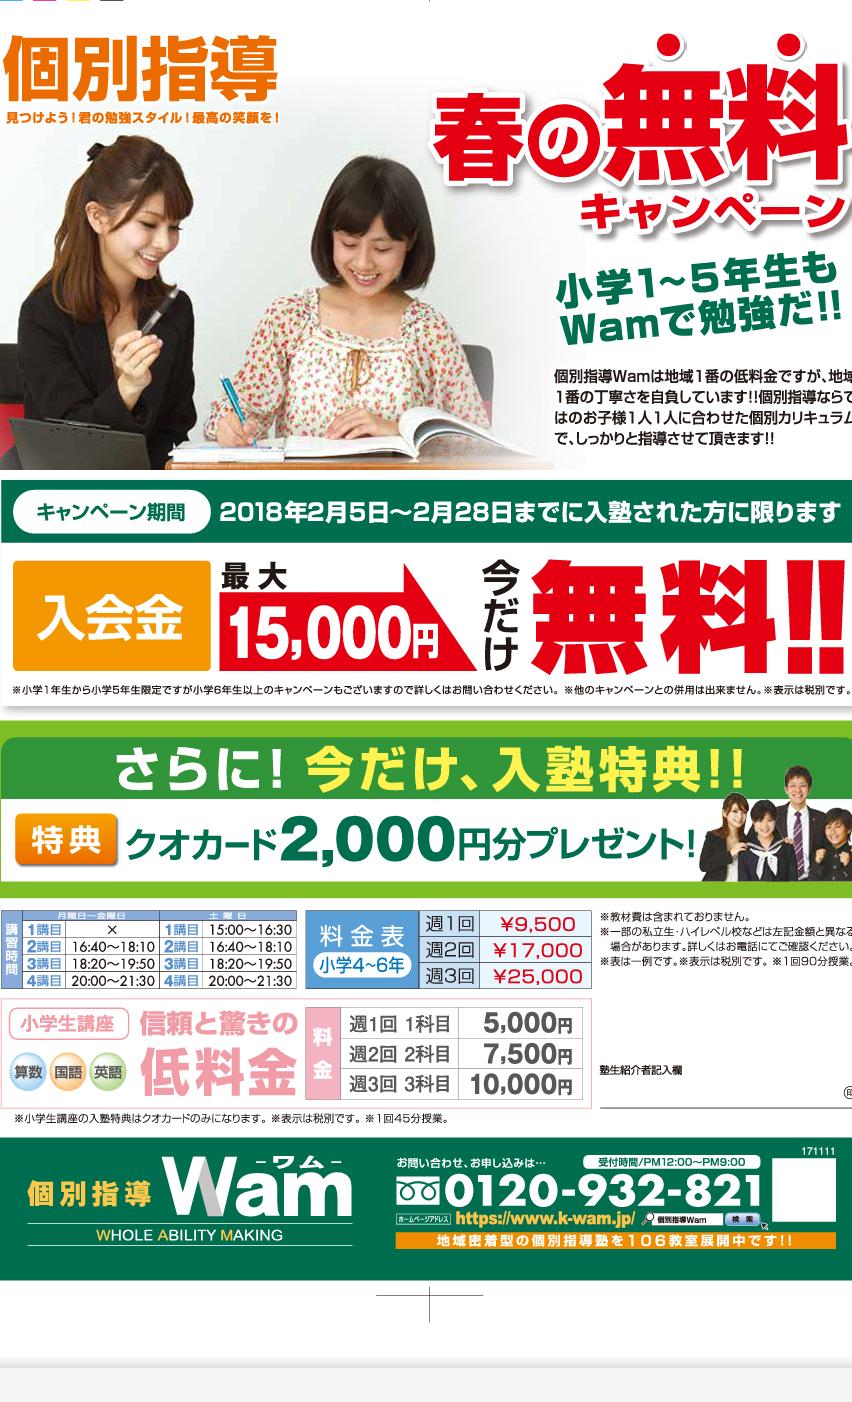 春の無料キャンペーン!